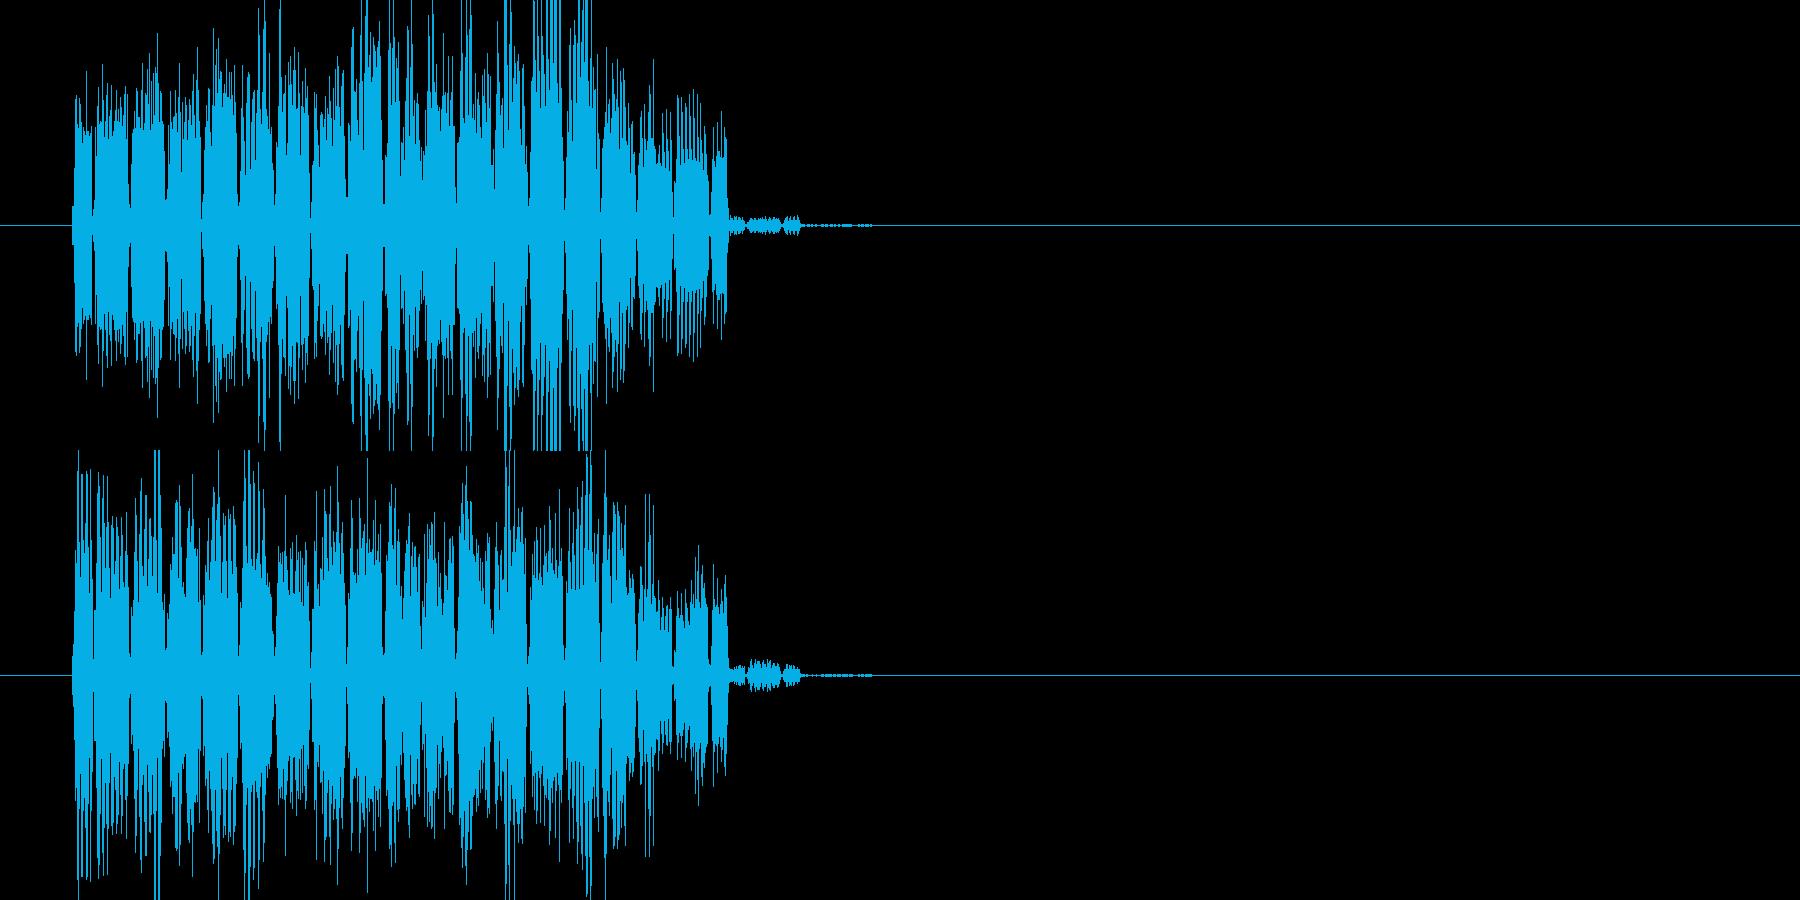 ファミコン風 呪文音の再生済みの波形